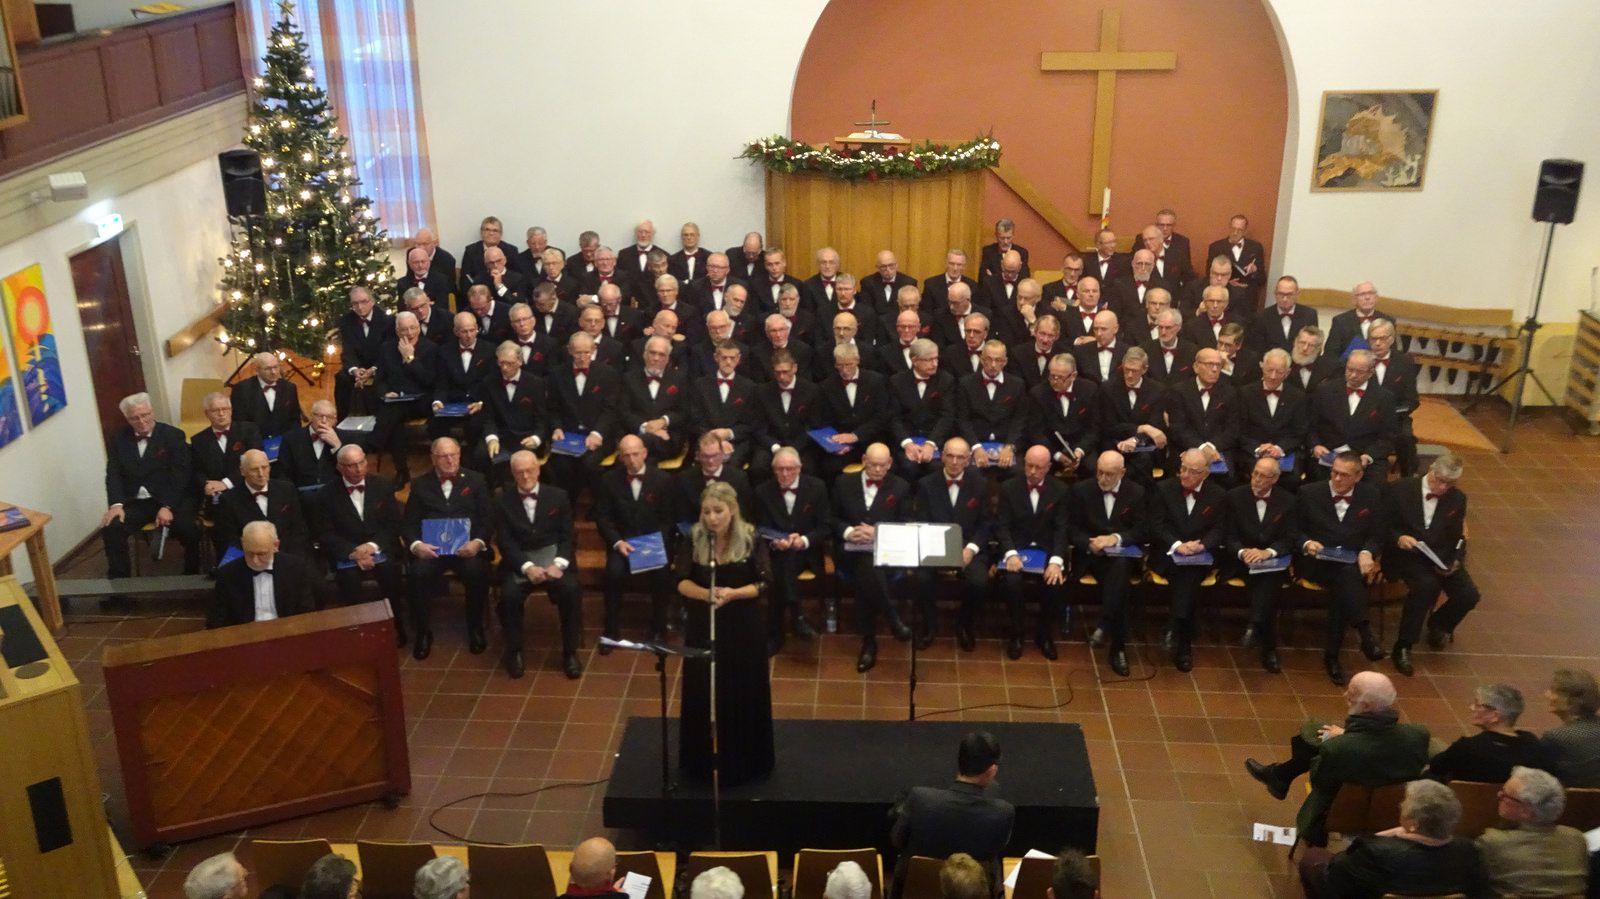 Concert Buitenpost